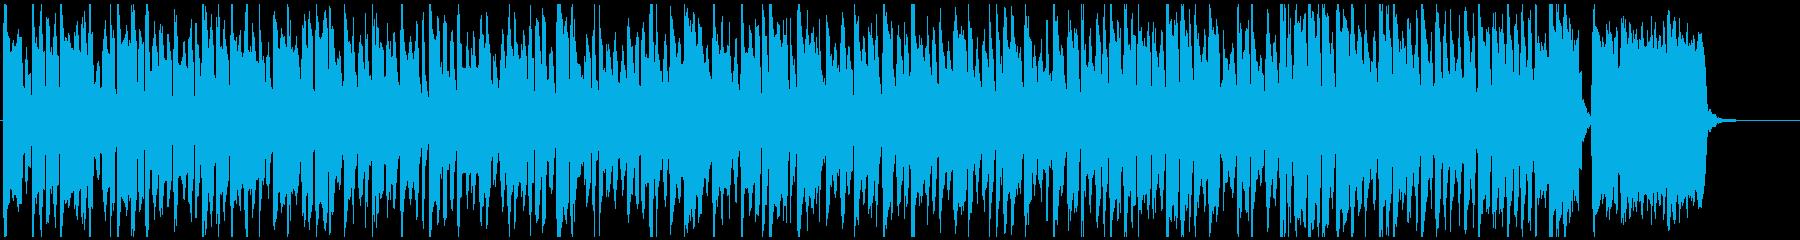 リコーダーのほんわかした可愛い日常BGMの再生済みの波形